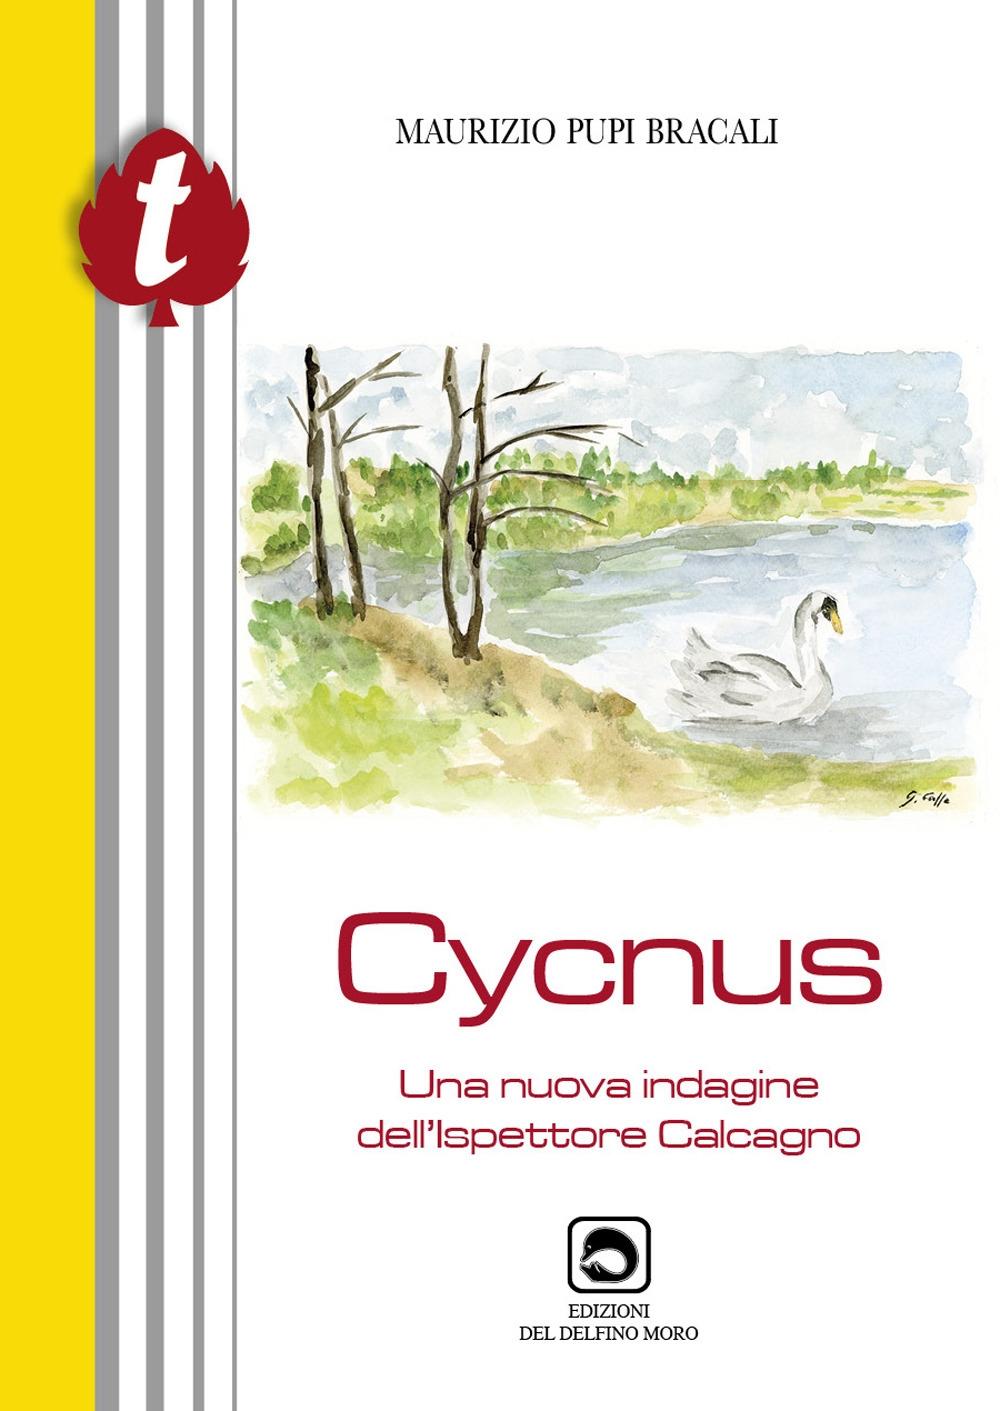 Cycnus. Una nuova indagine dell'ispettore Calcagno